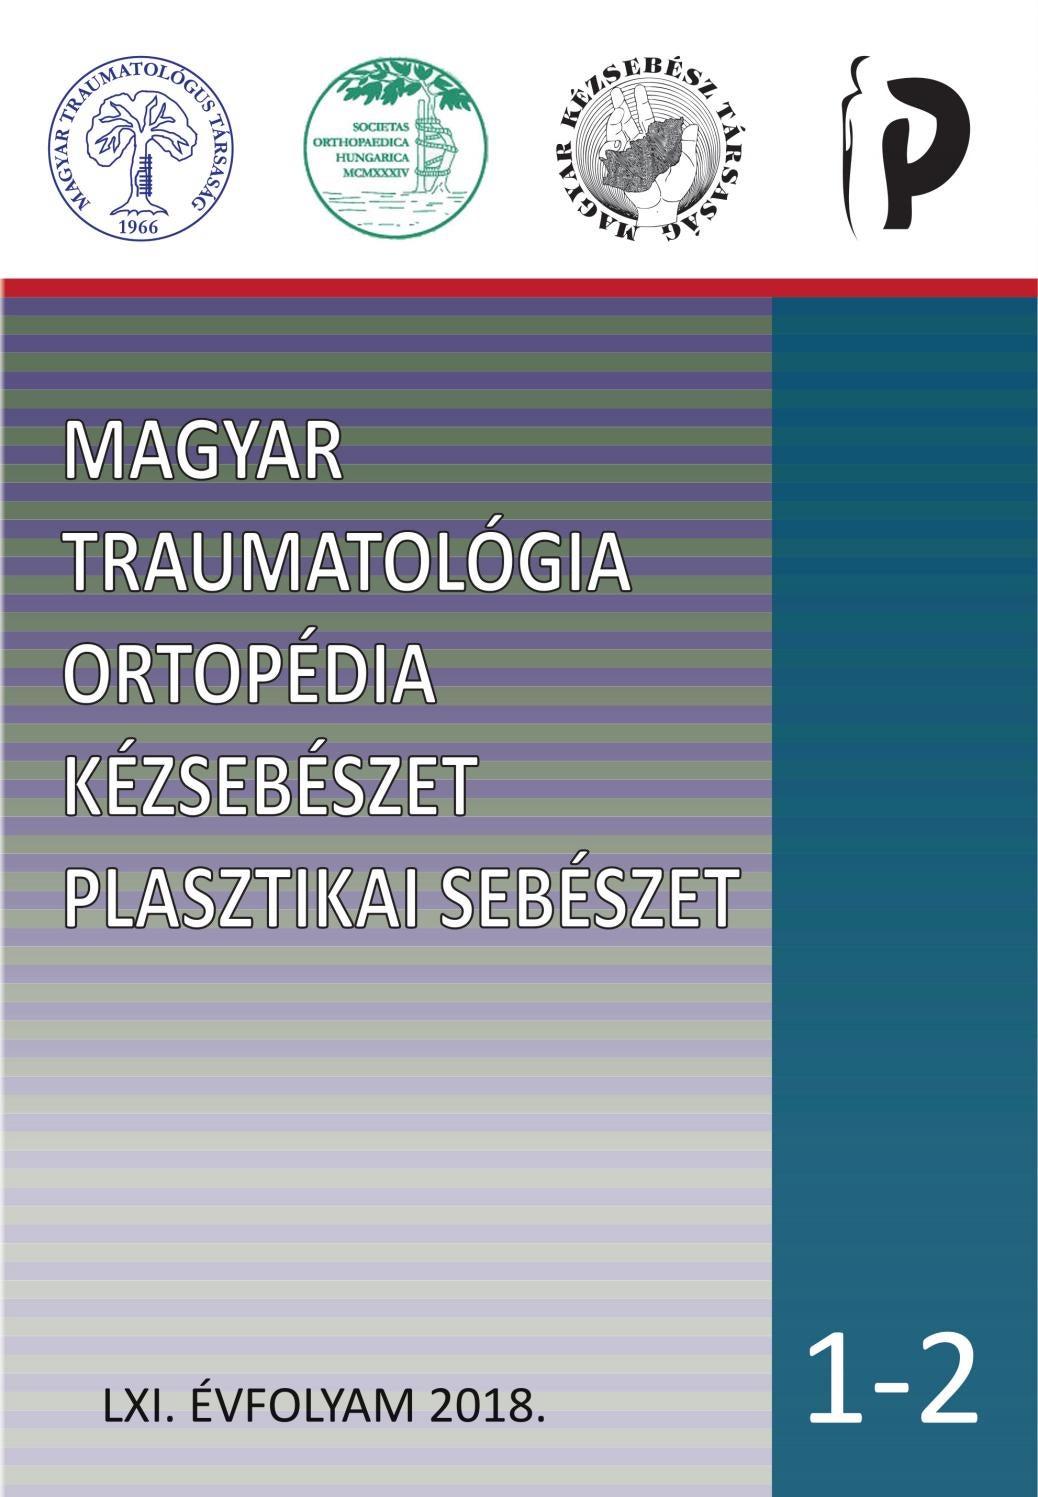 áttekintés az artrózis kezeléséről a cseh köztársaságban boka duzzanata fájdalommal együtt